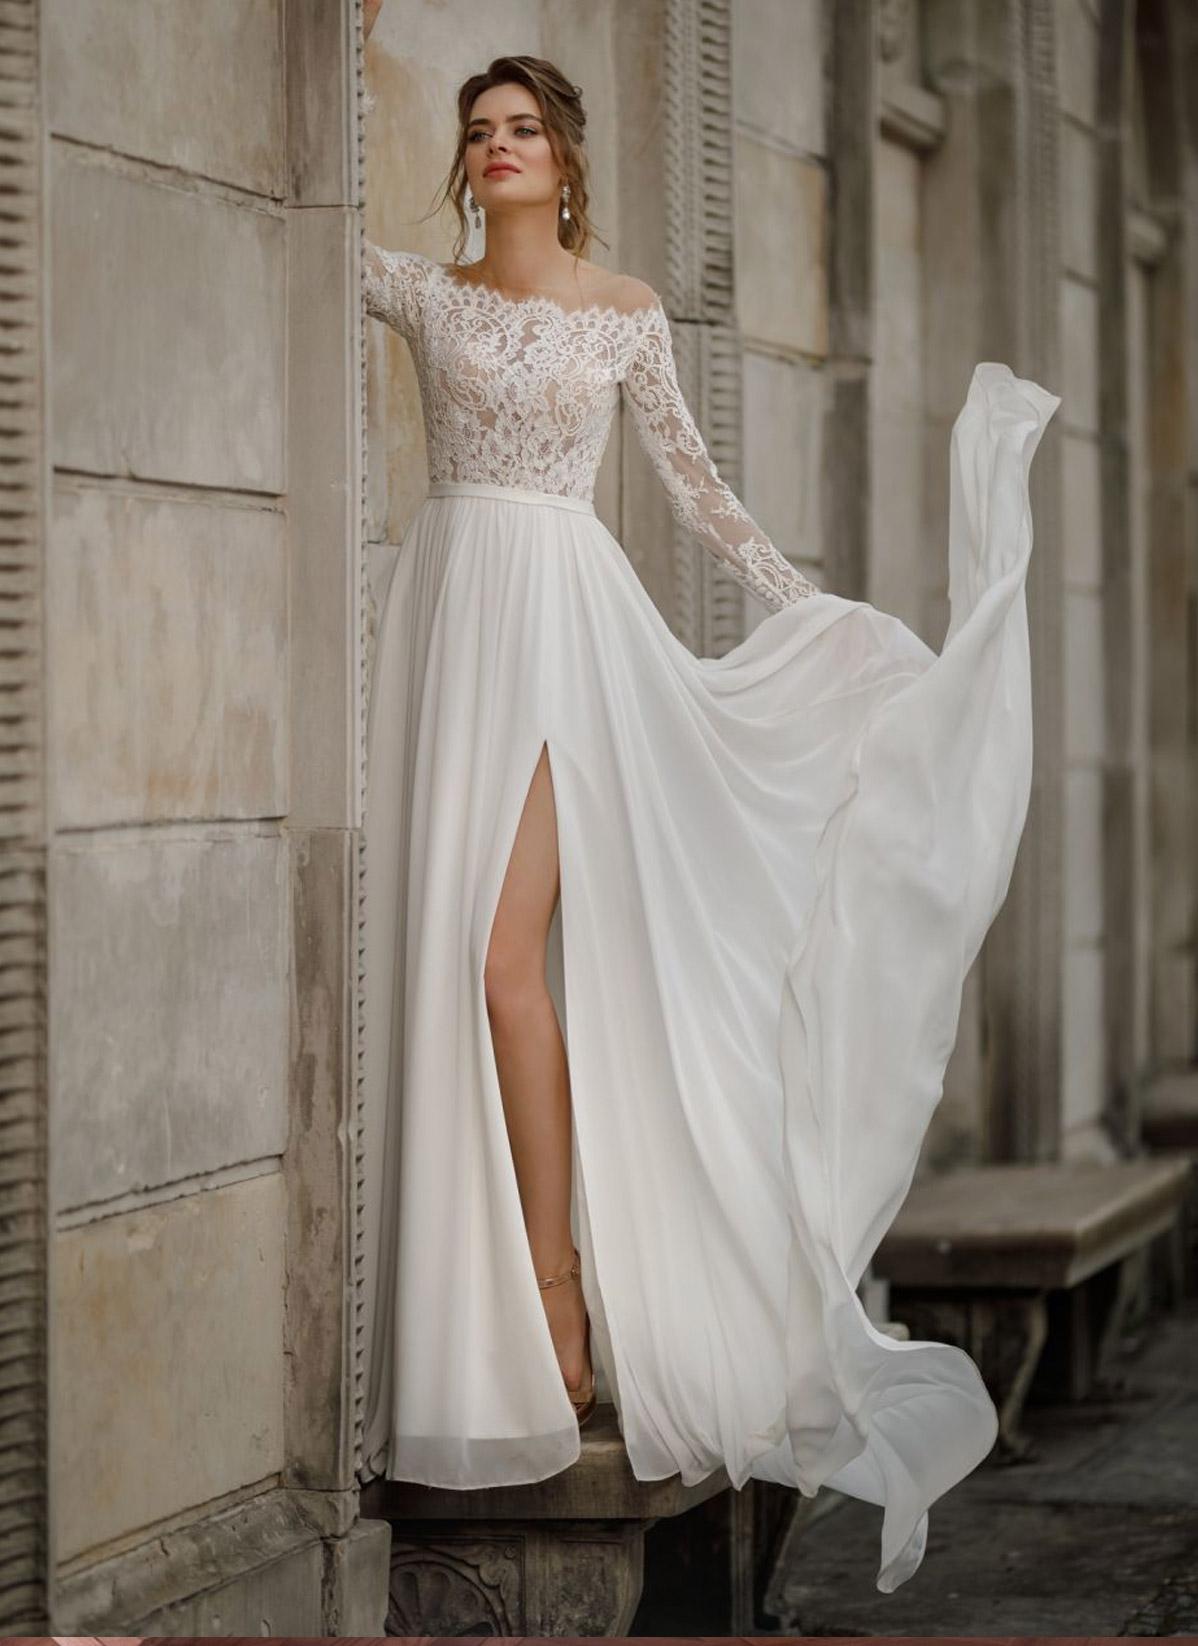 Herm's Bridal <br> Comodoro